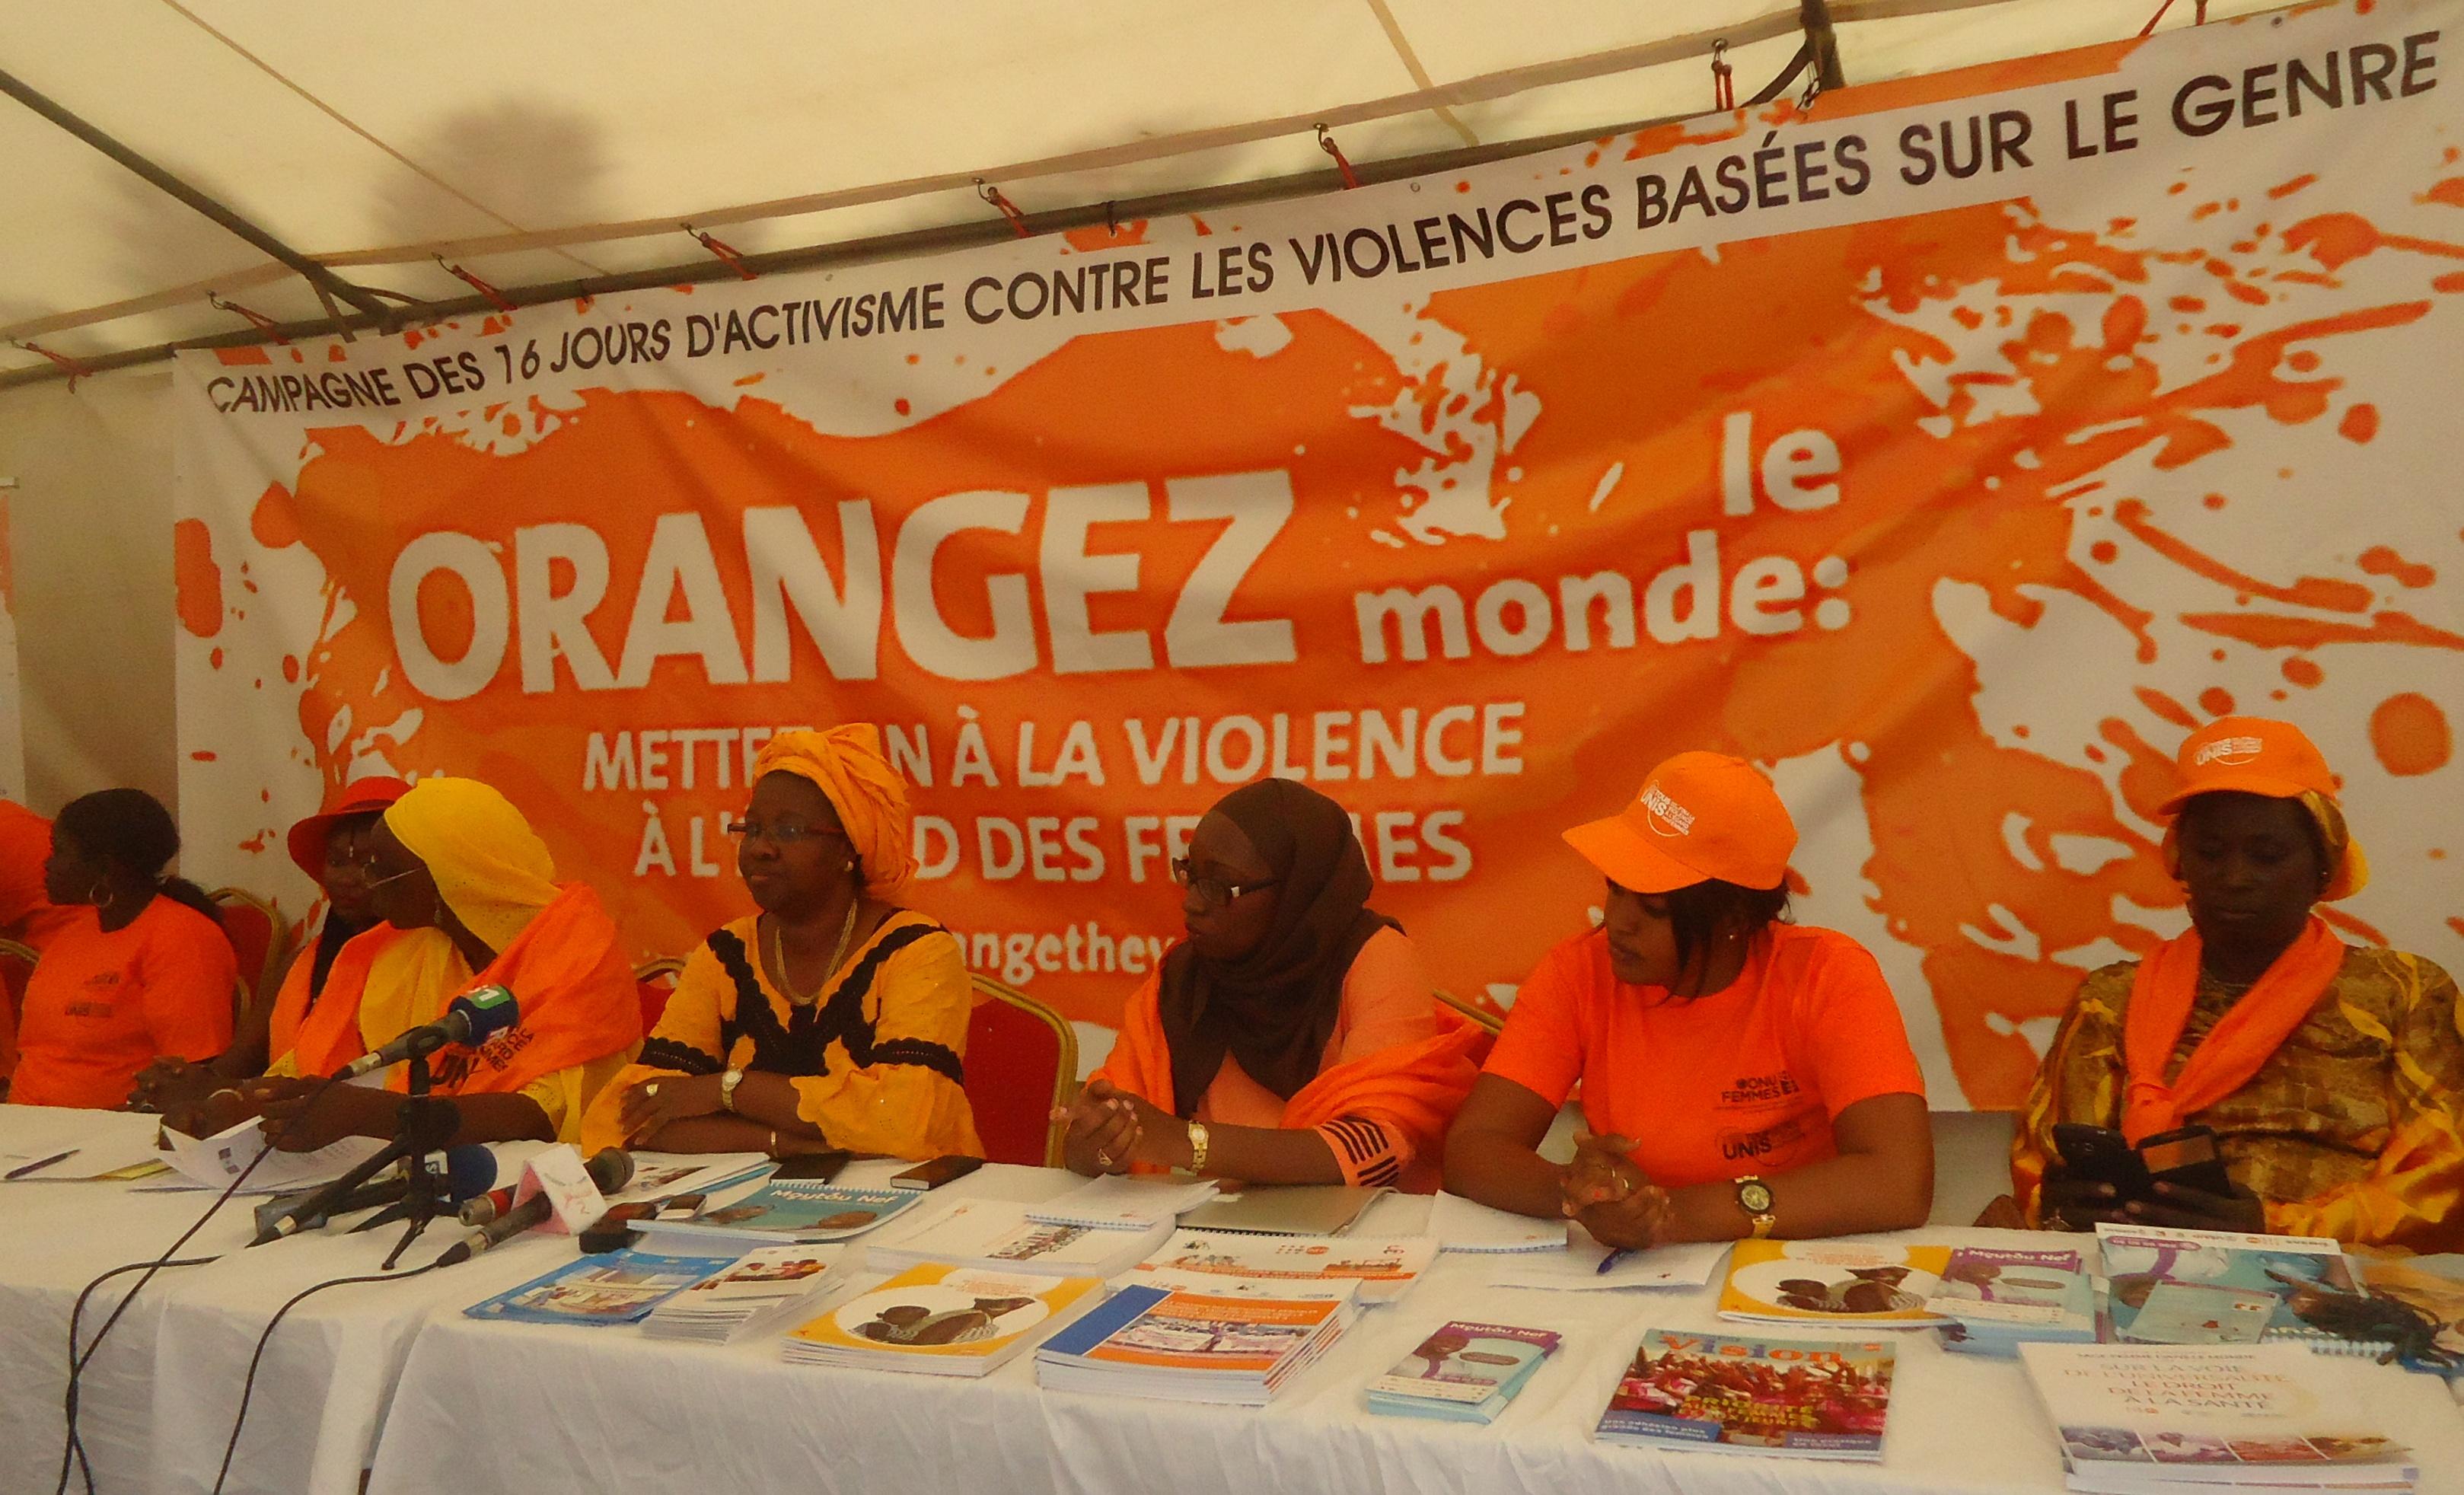 16 jours d'activisme contre la violence : les femmes sonnent l'alerte